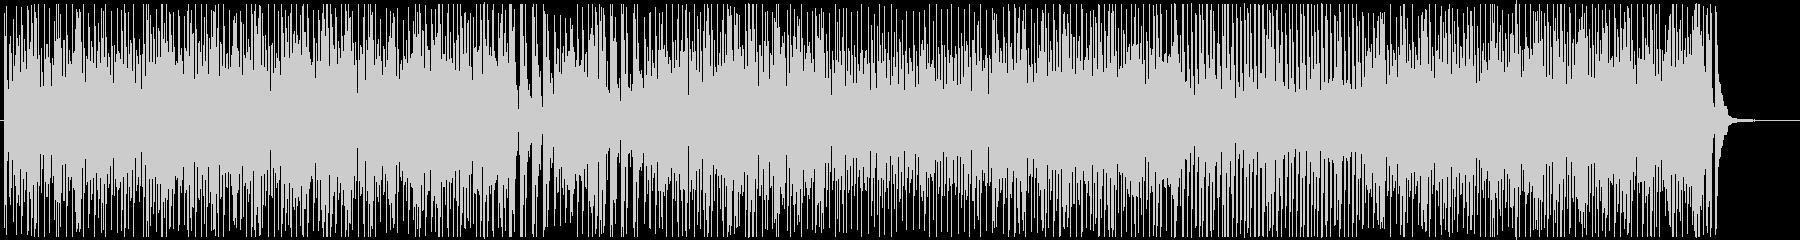 テーマパークジャズ-ポップなディキシー♫の未再生の波形